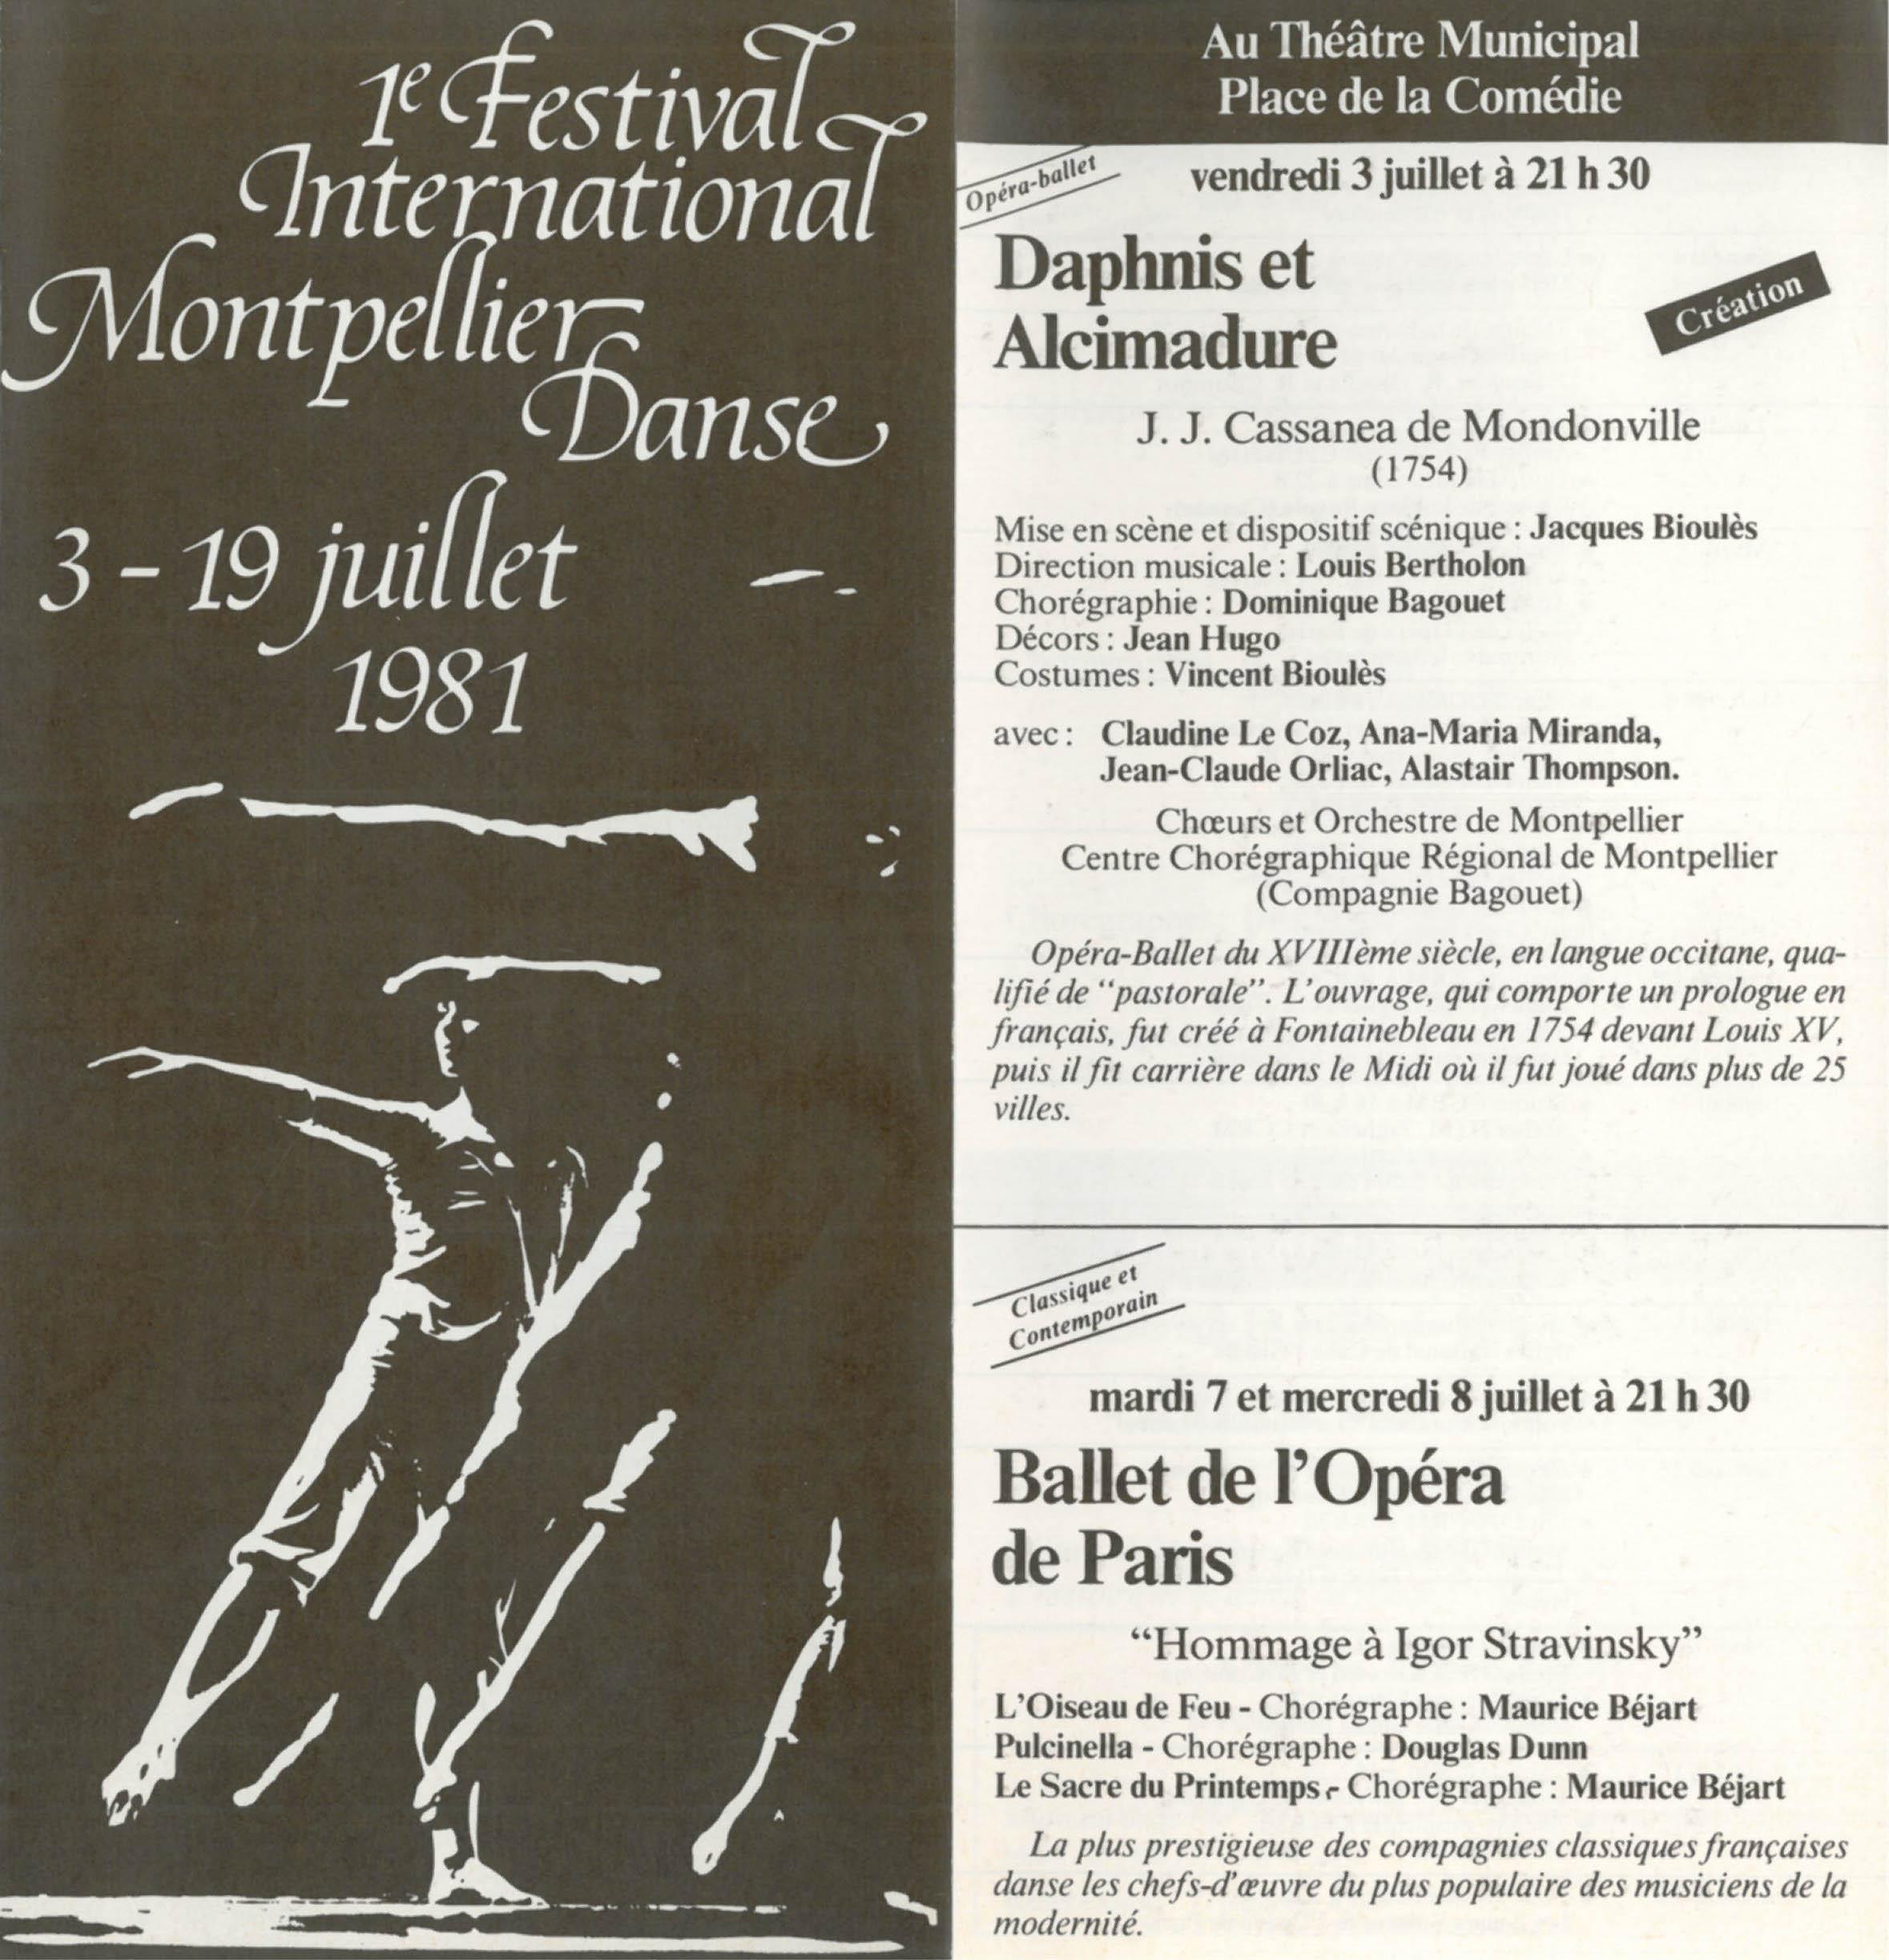 Programme de la première édition du festival Montpellier Danse